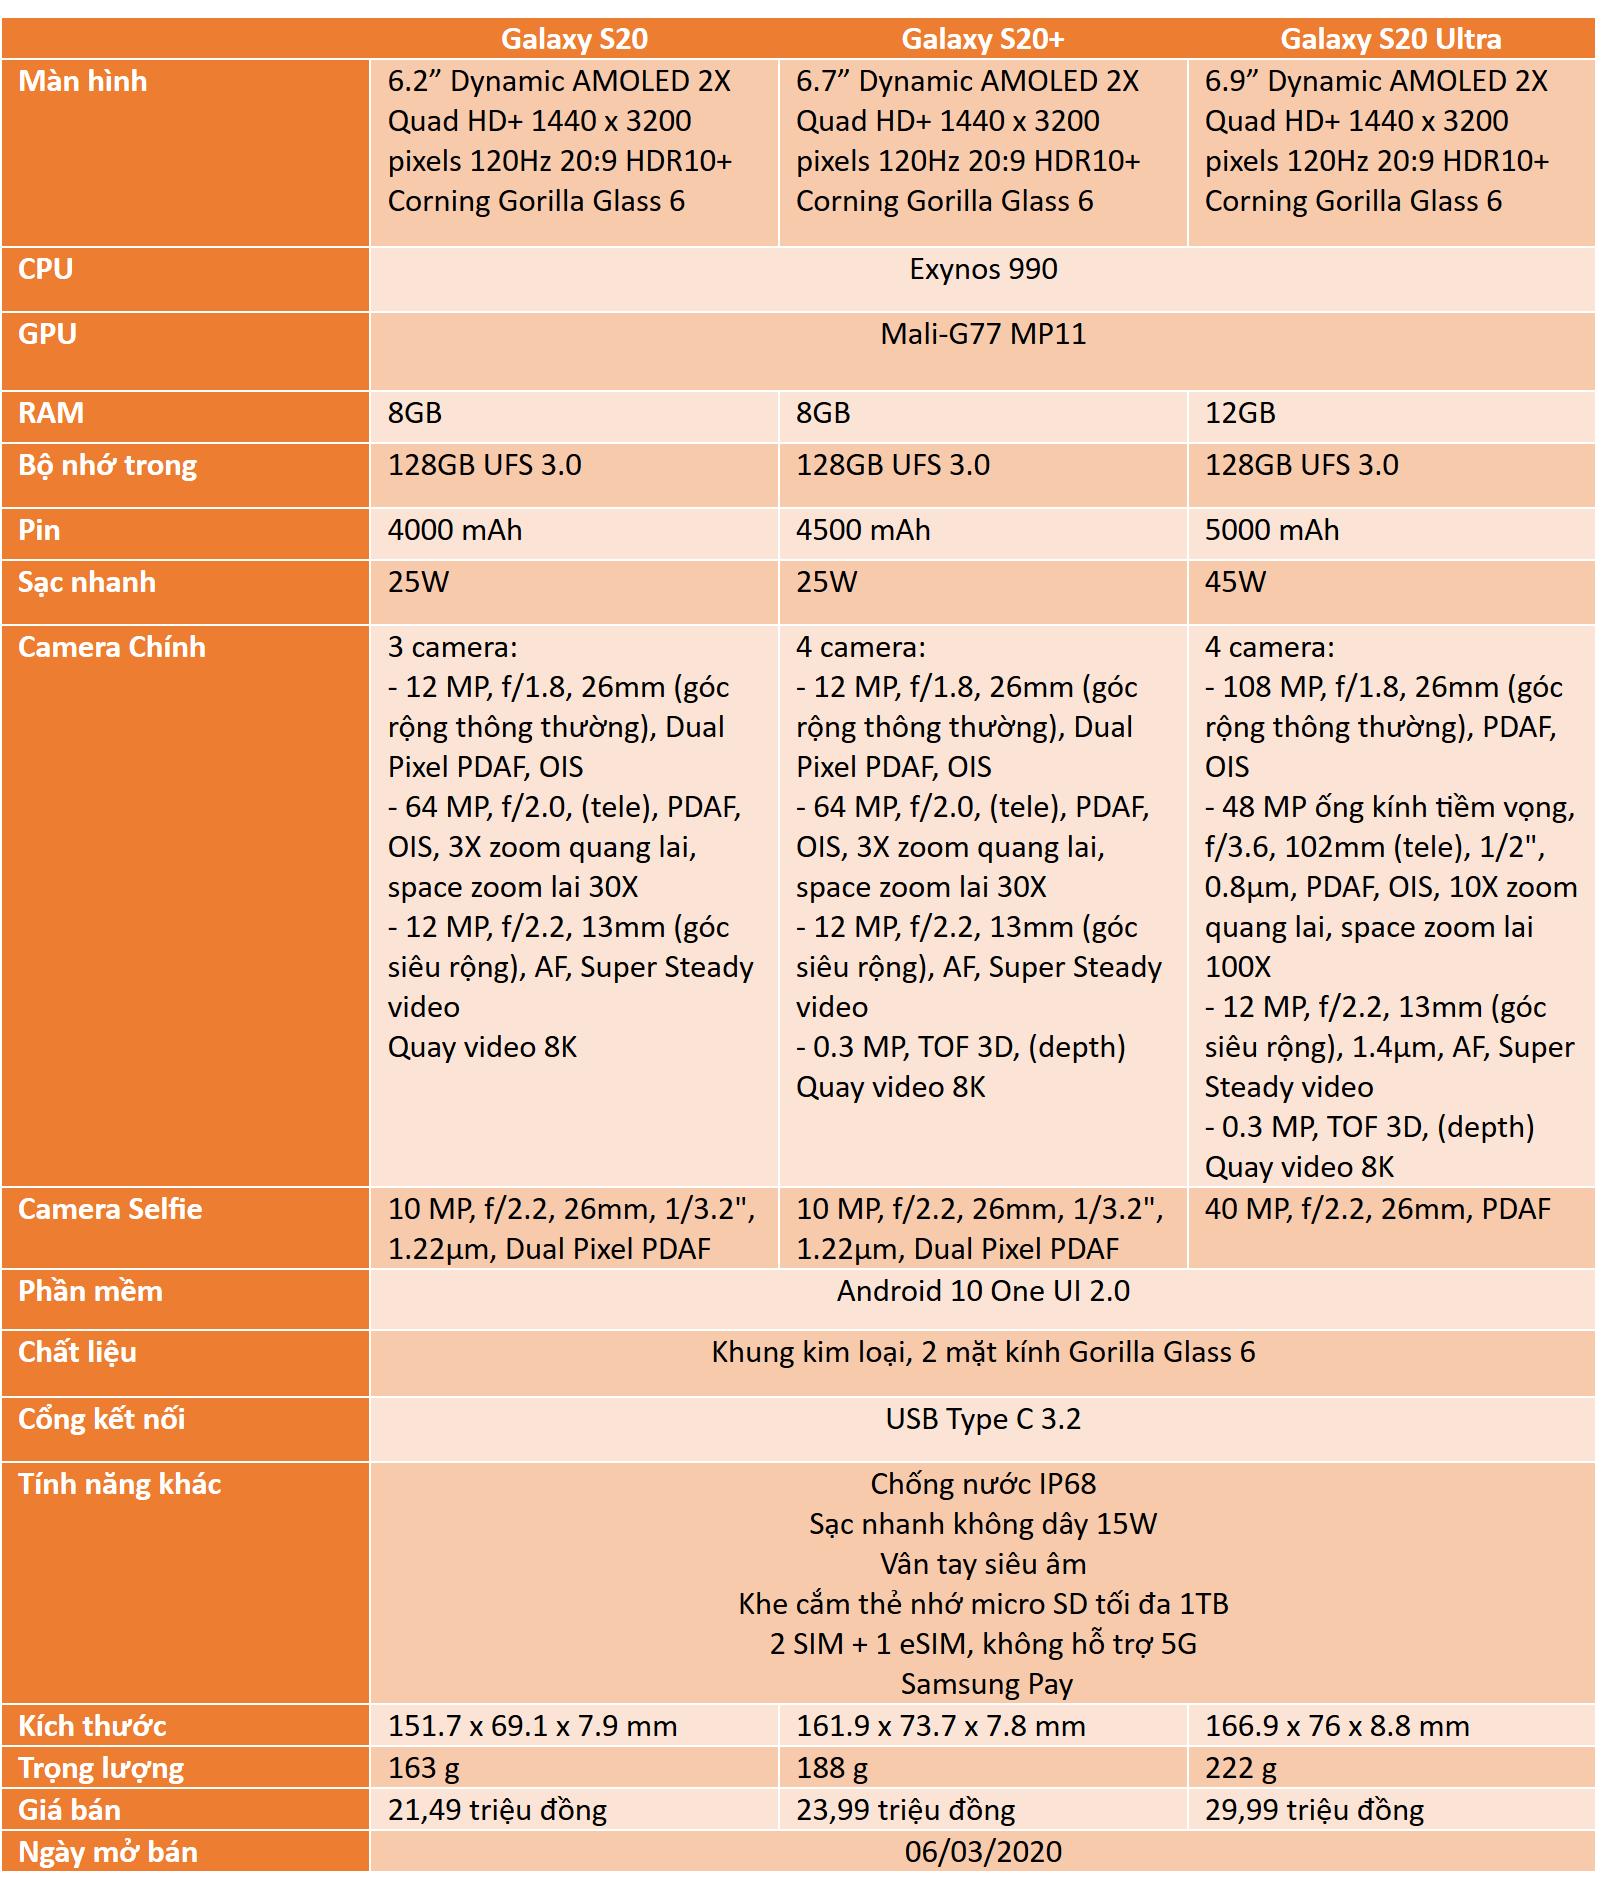 Samsung chính thức bán Galaxy S20, S20+, S20 Ultra tại Việt Nam từ 6/3, giá cao nhất gần 30 triệu đồng, có eSIM nhưng không hỗ trợ 5G